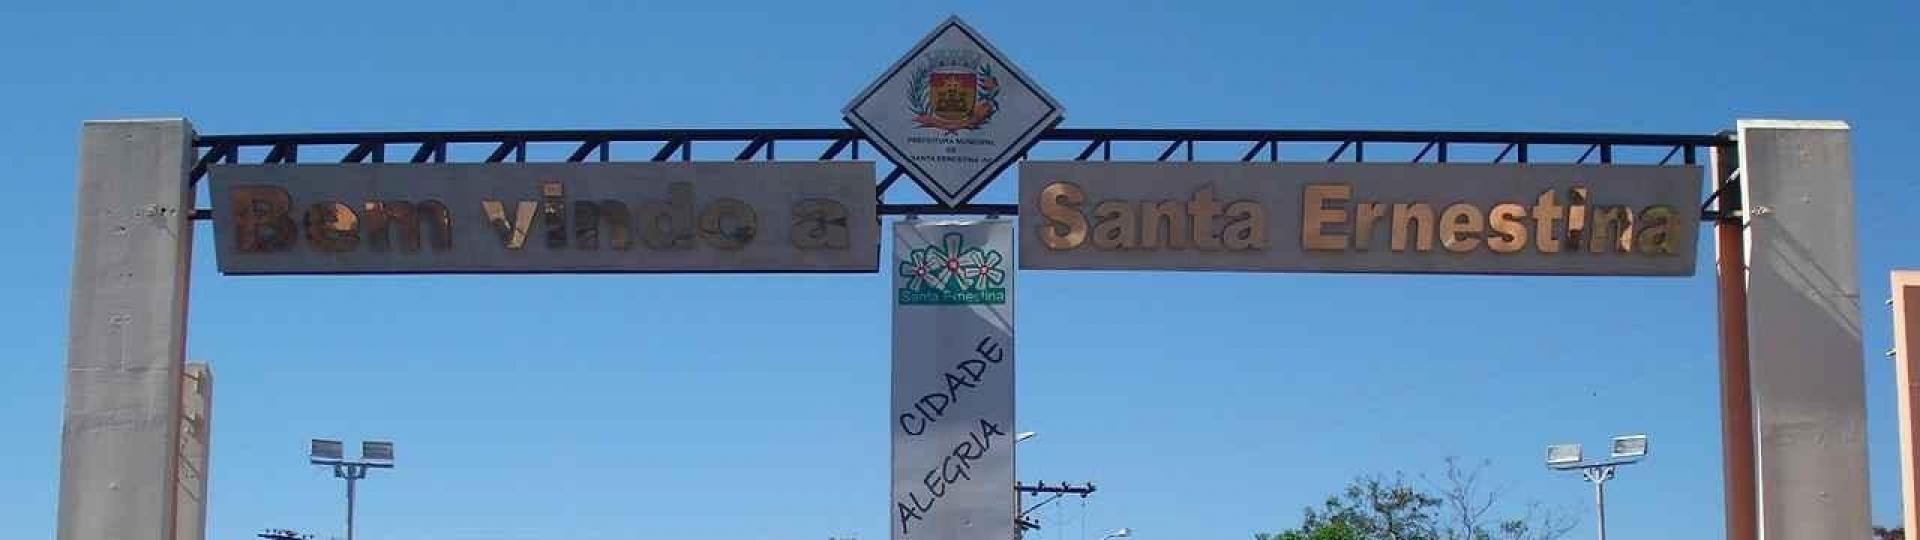 Santa Ernestina: dinheiro em caixa para investir em desenvolvimento